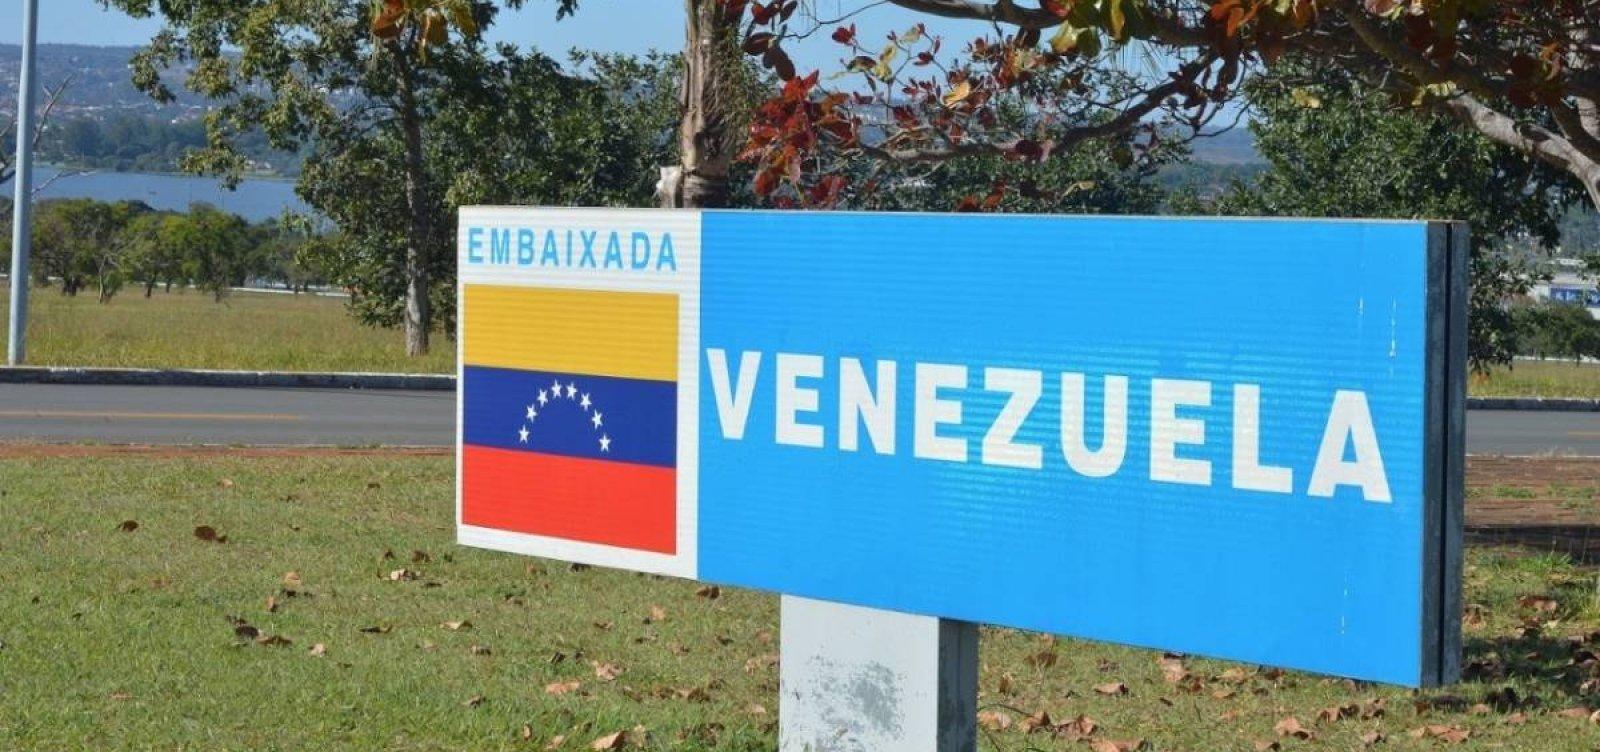 Vídeo mostra confusão entre apoiadores de Maduro e Guaidó na embaixada da Venezuela